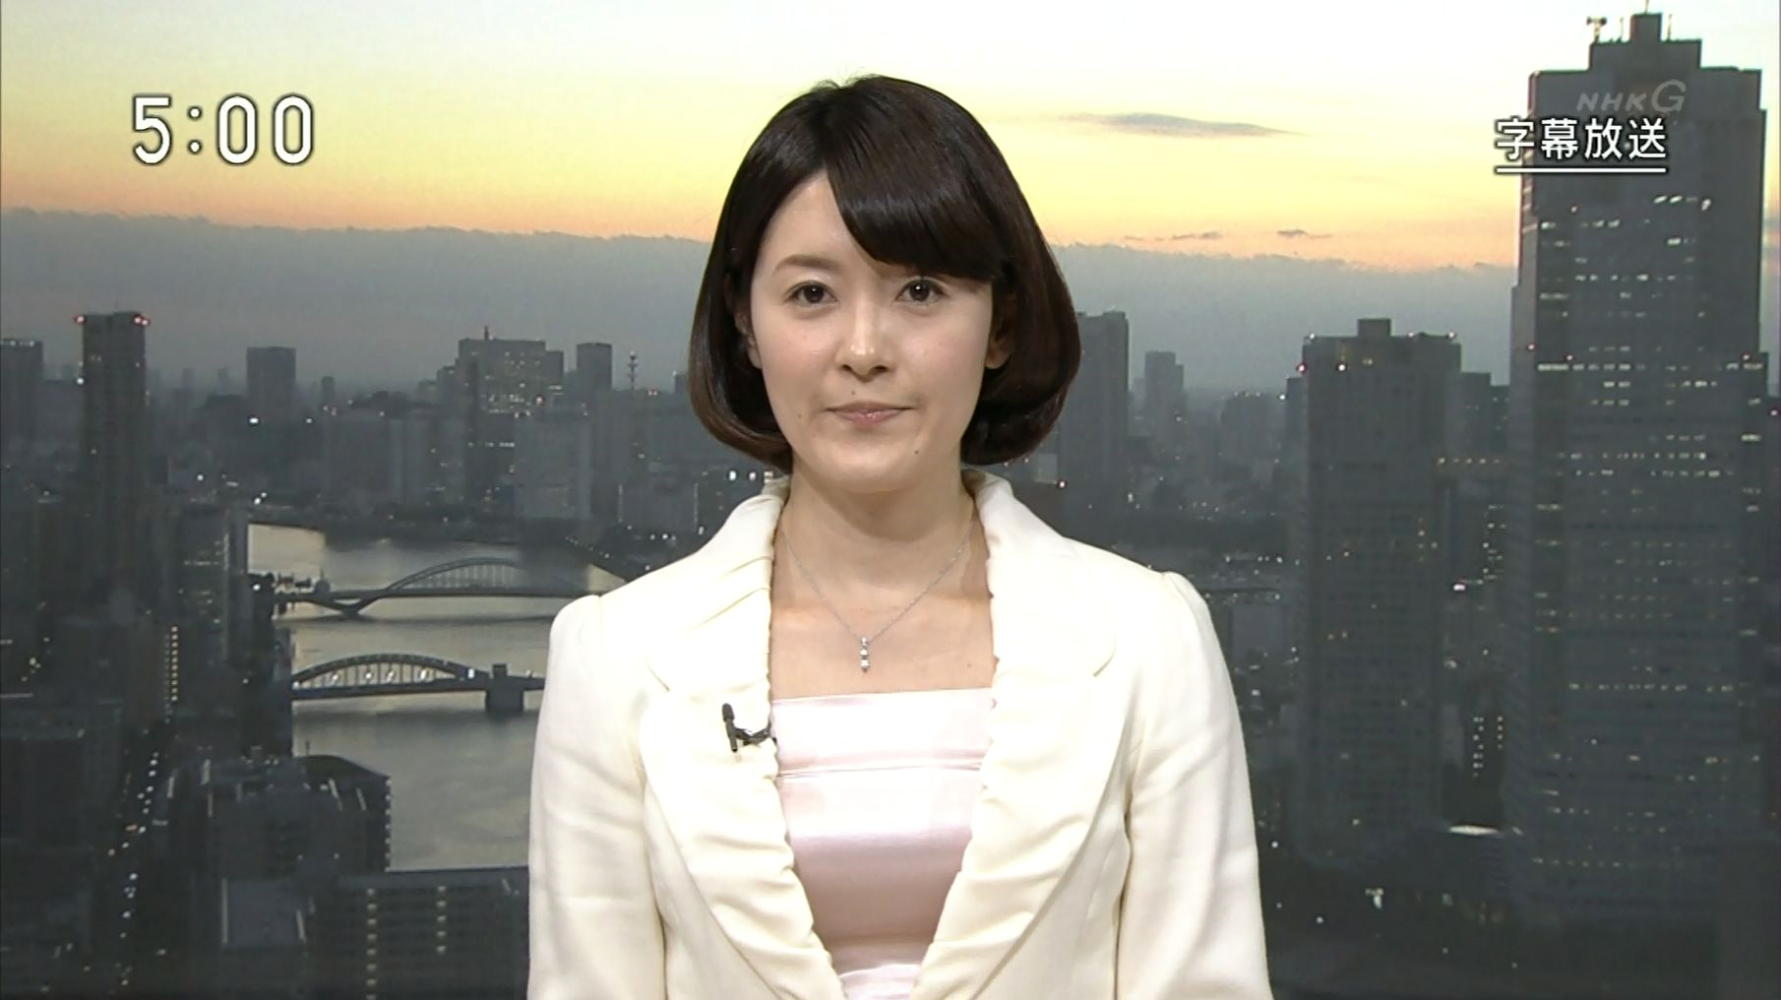 松村正代 NHKニュース 14/10/28 : 女子アナキャプでも貼っておく ...